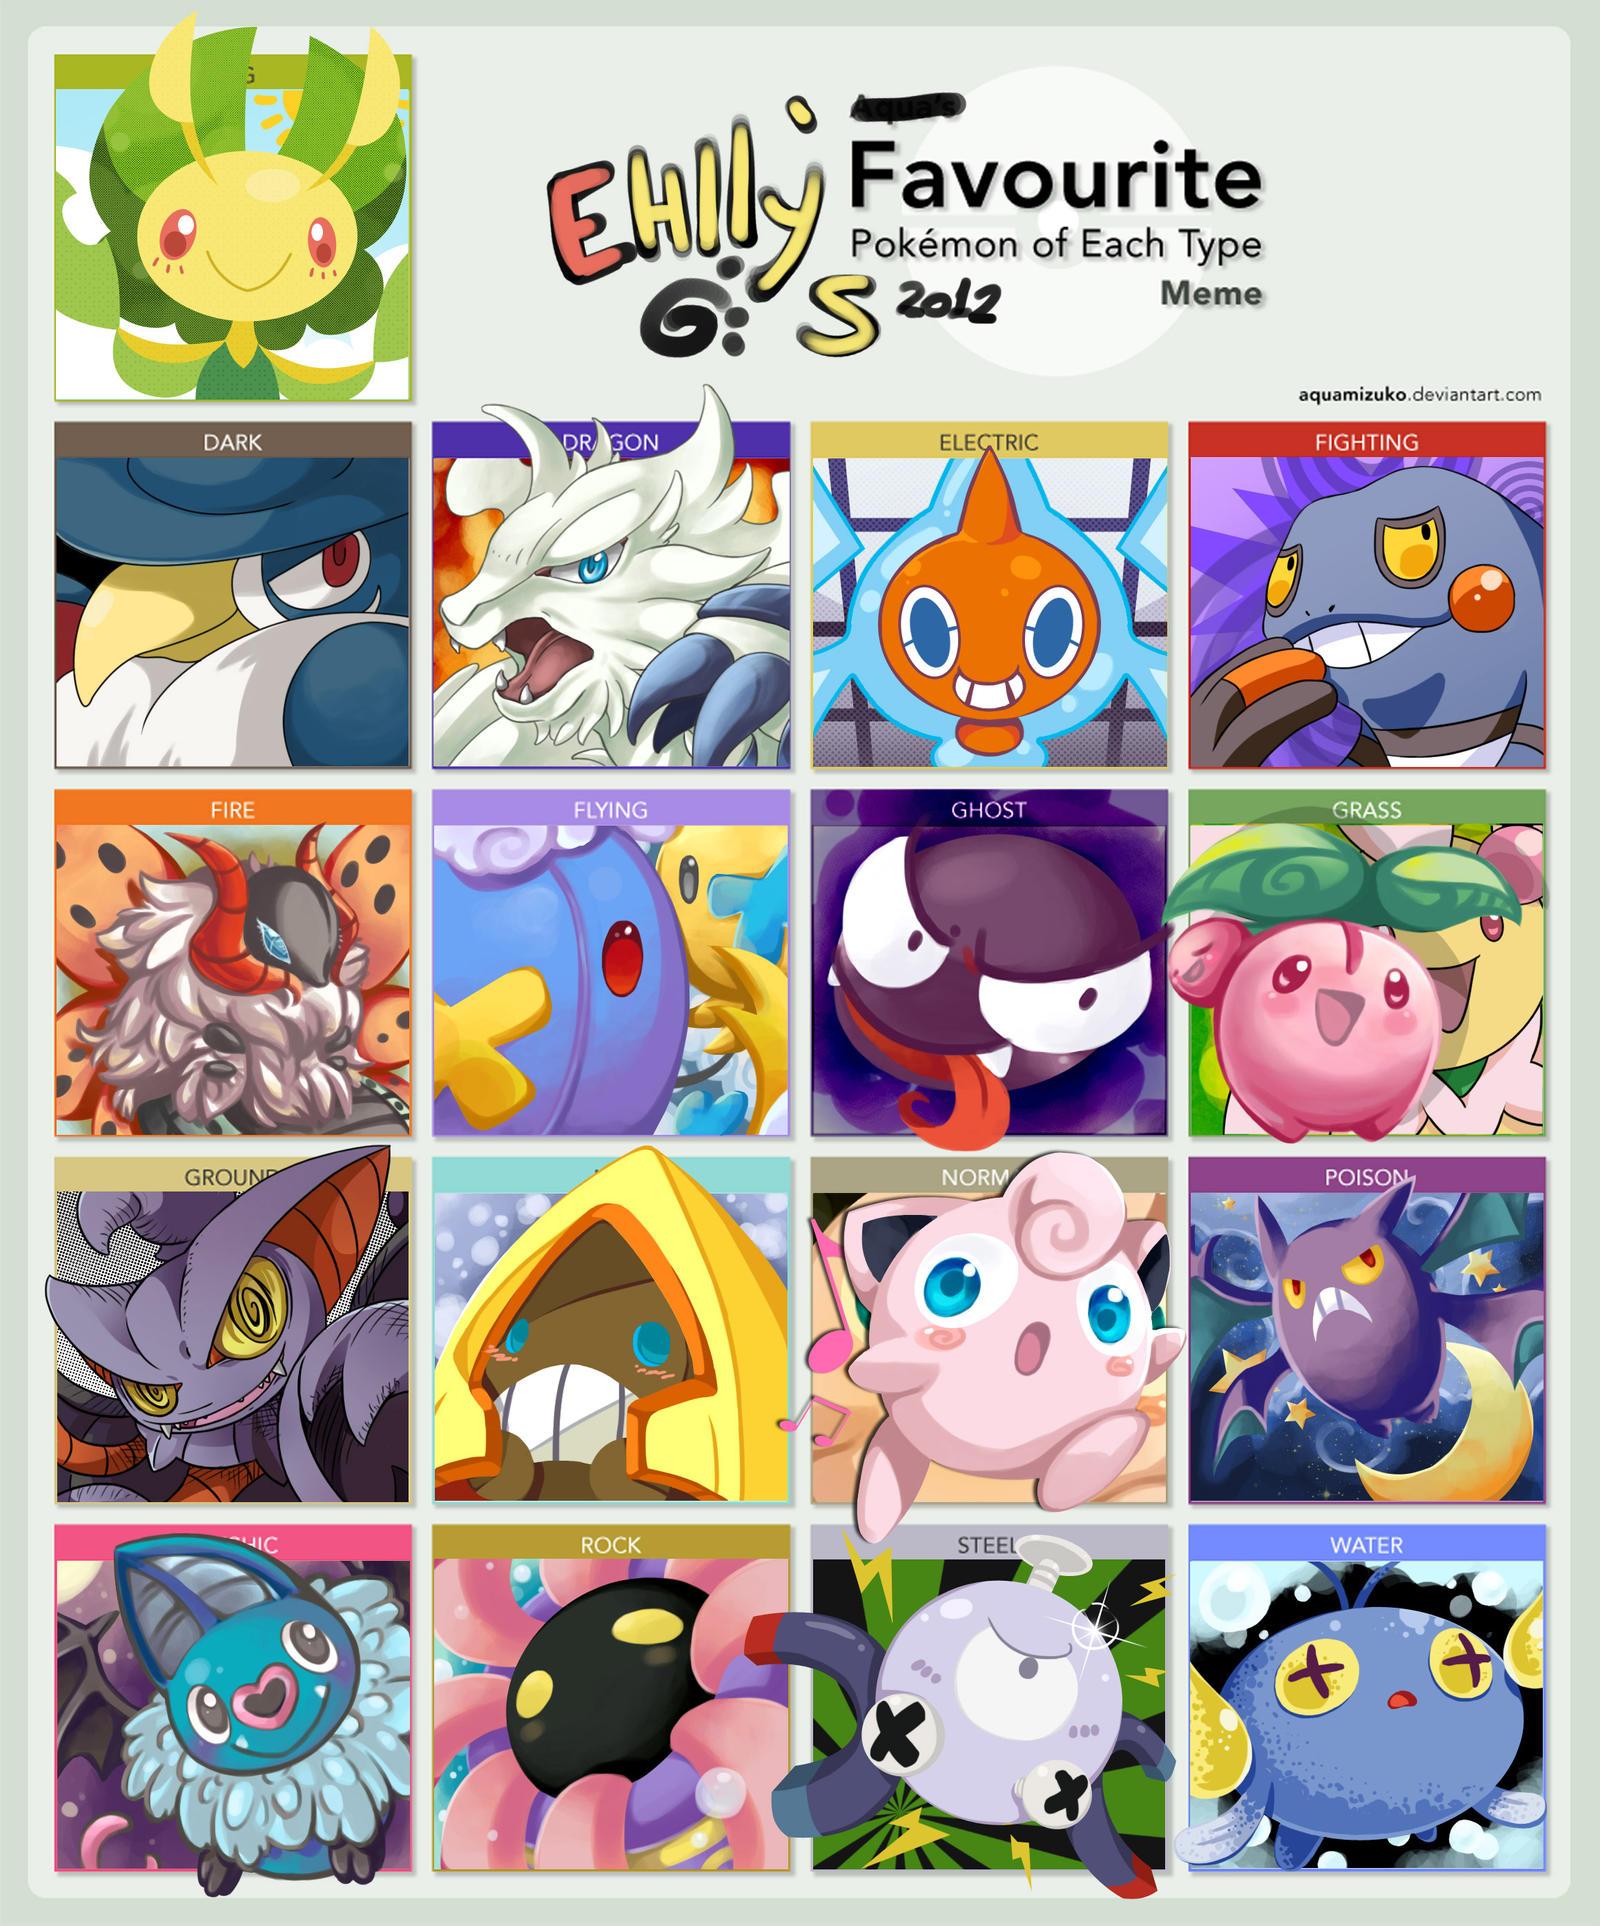 Favorite Pokemon Meme